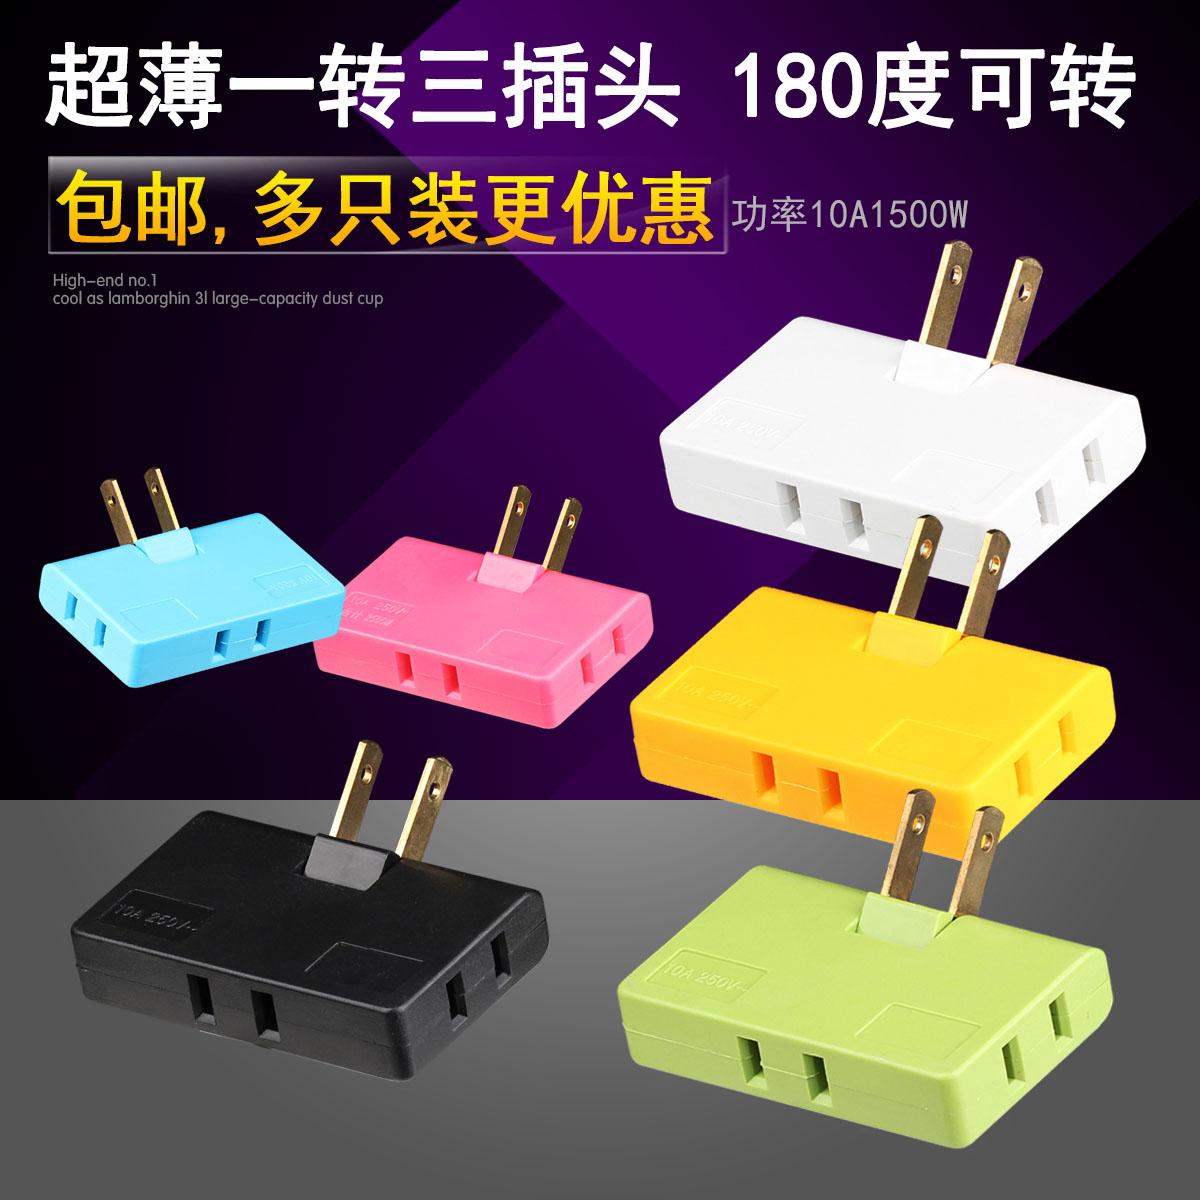 和谐公牛超薄扁平插座电视机插头转接器家用多用电源转换头一转多